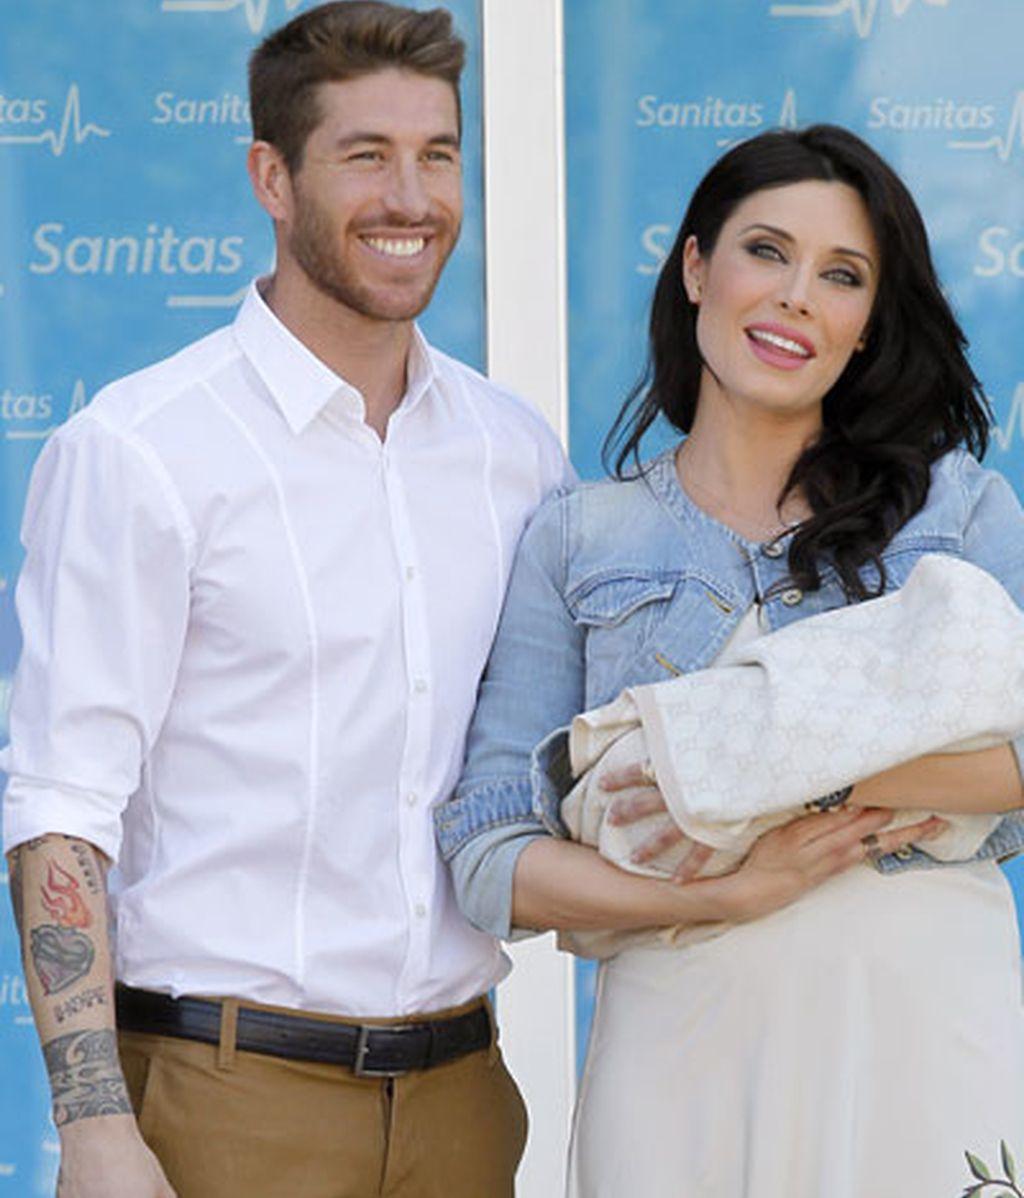 Las primeras fotos de Sergio Ramos y Pilar Rubio con su bebé